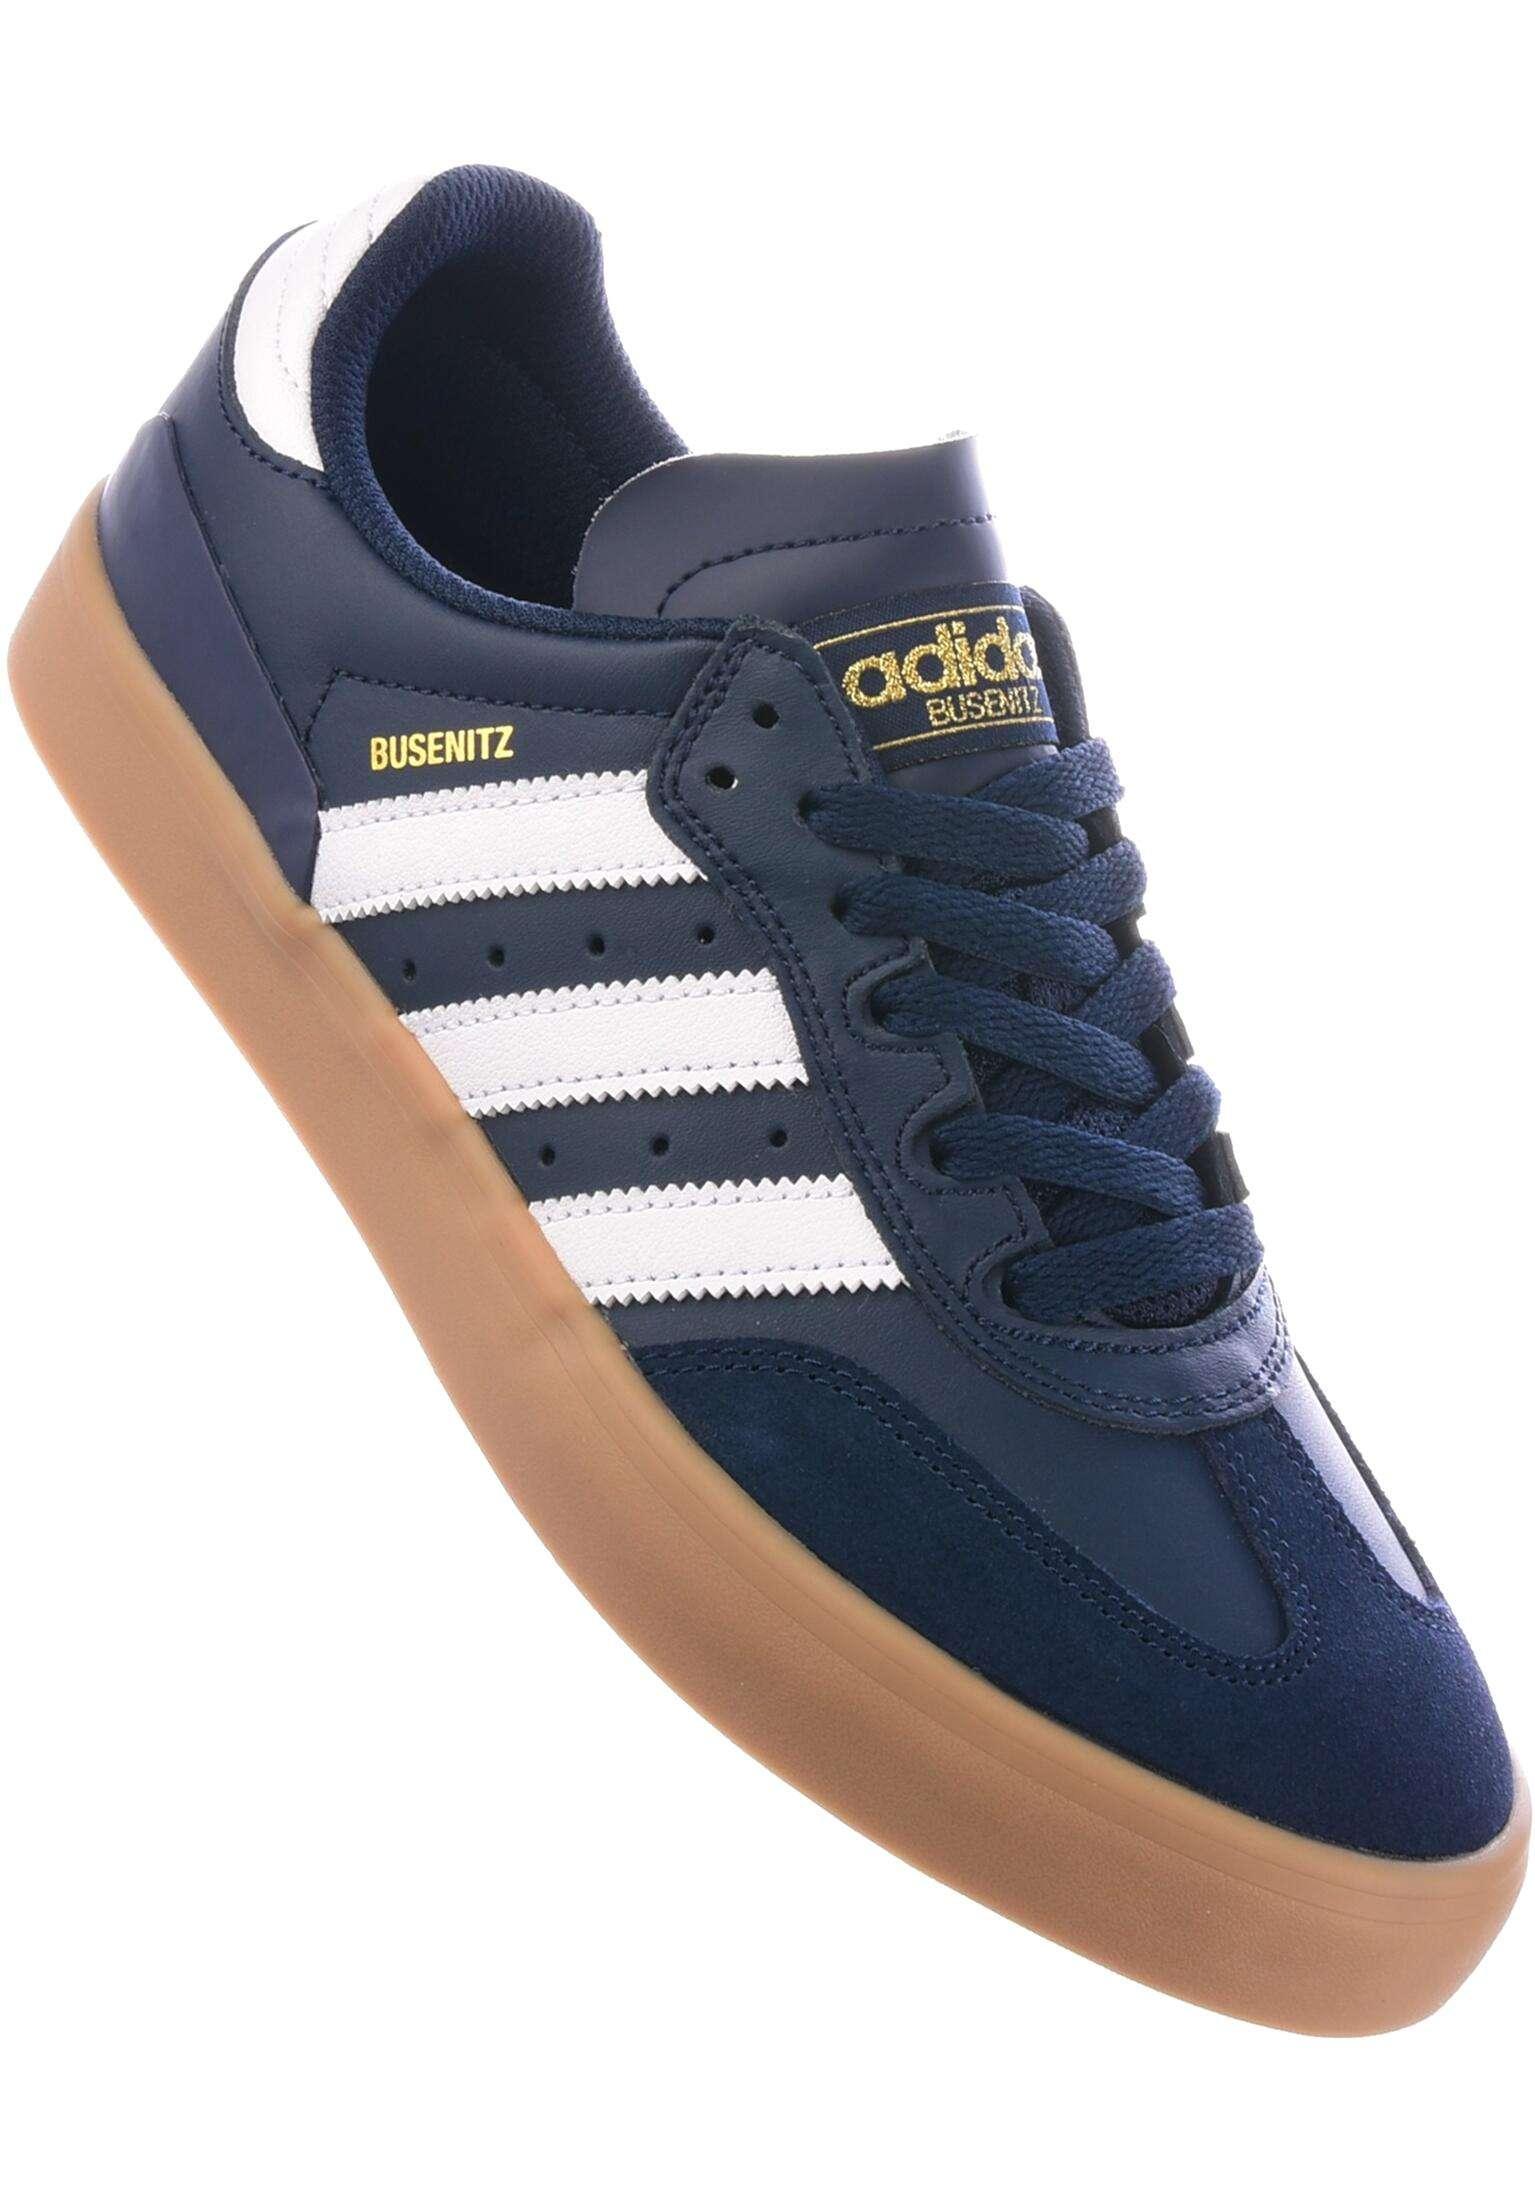 127477d37 Busenitz Vulc RX adidas-skateboarding All Shoes in navy-white-gum for Men